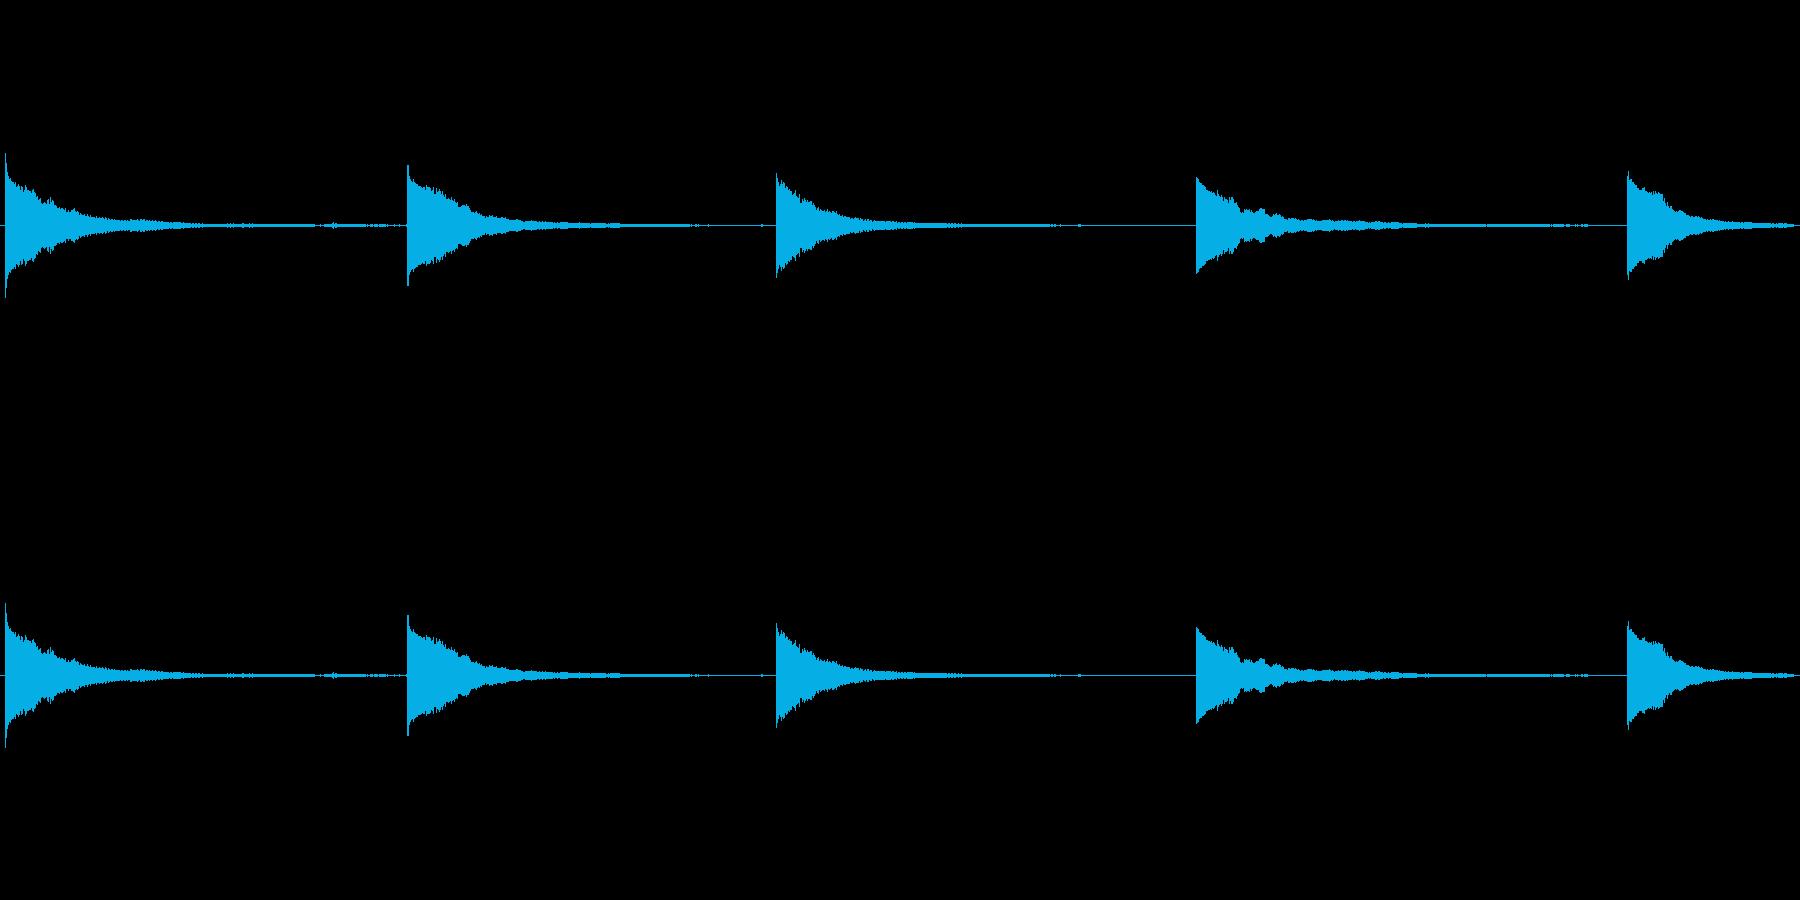 ロープ式ベルリングベルの再生済みの波形